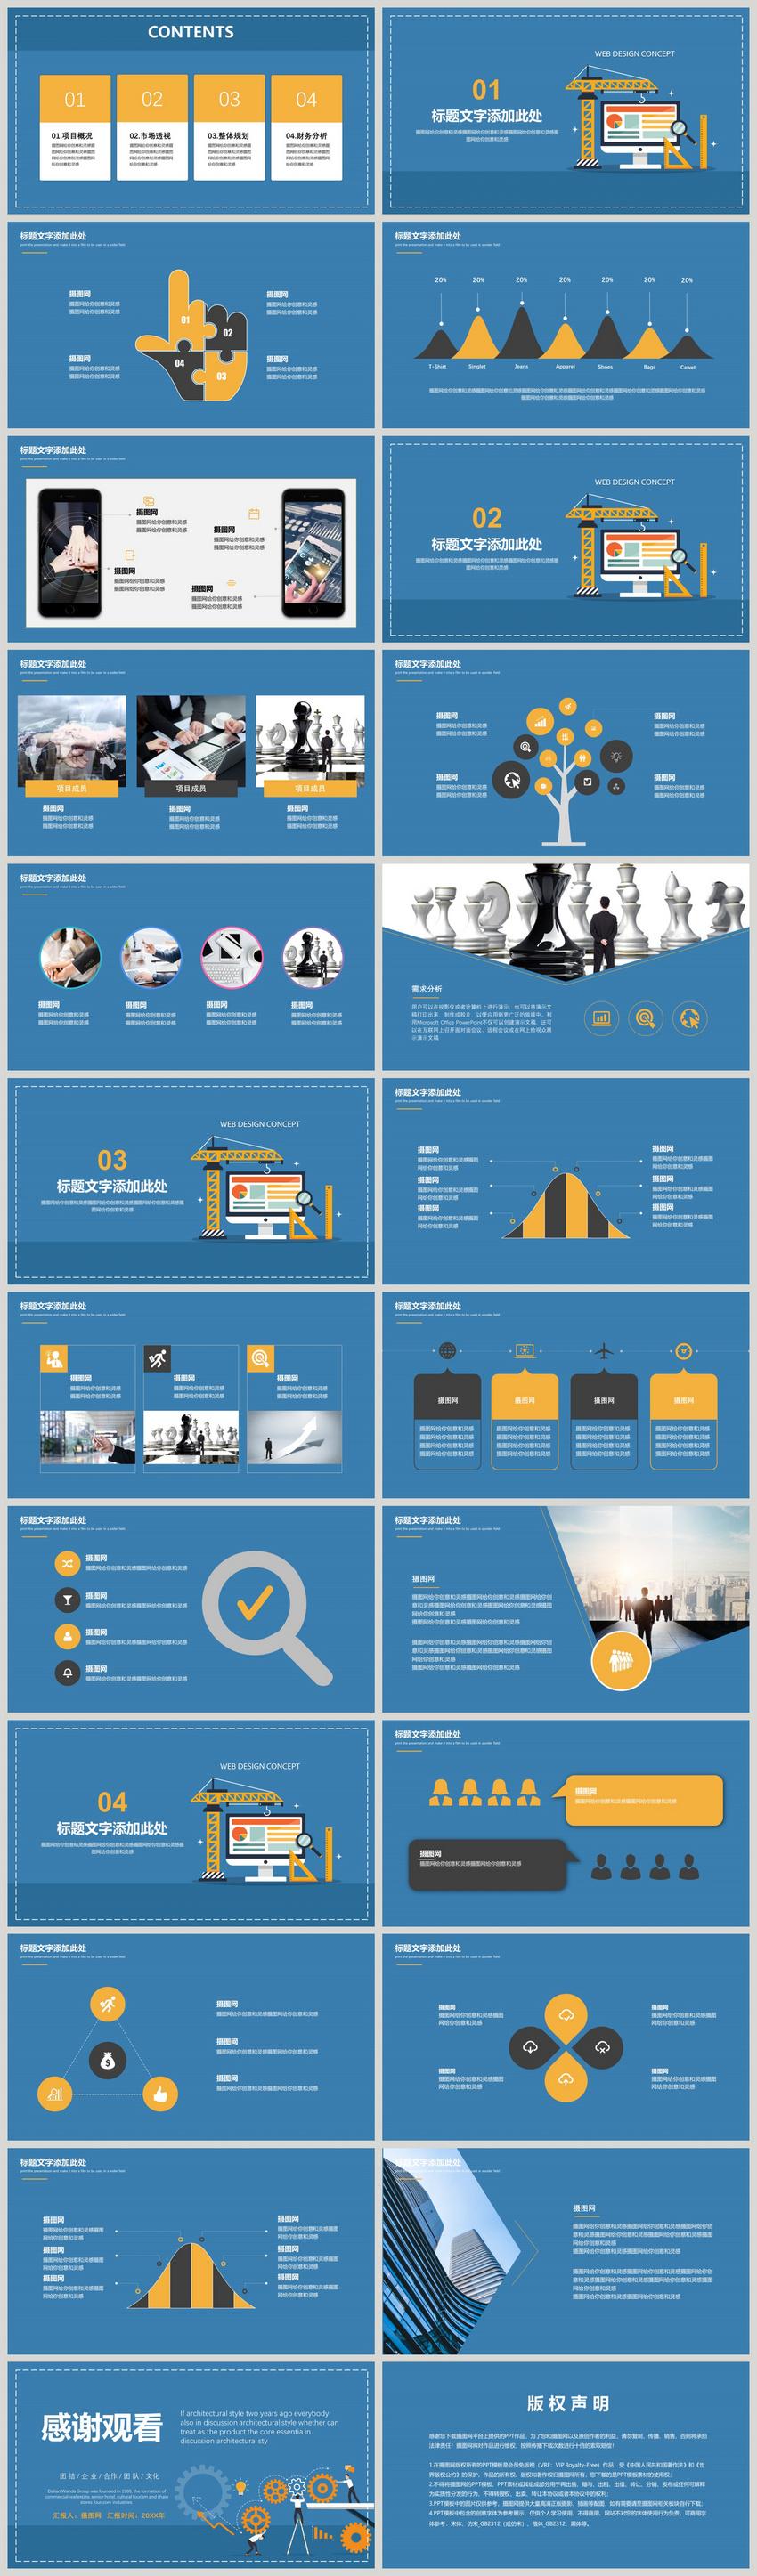 蓝色商务团队建设PPT模板图片